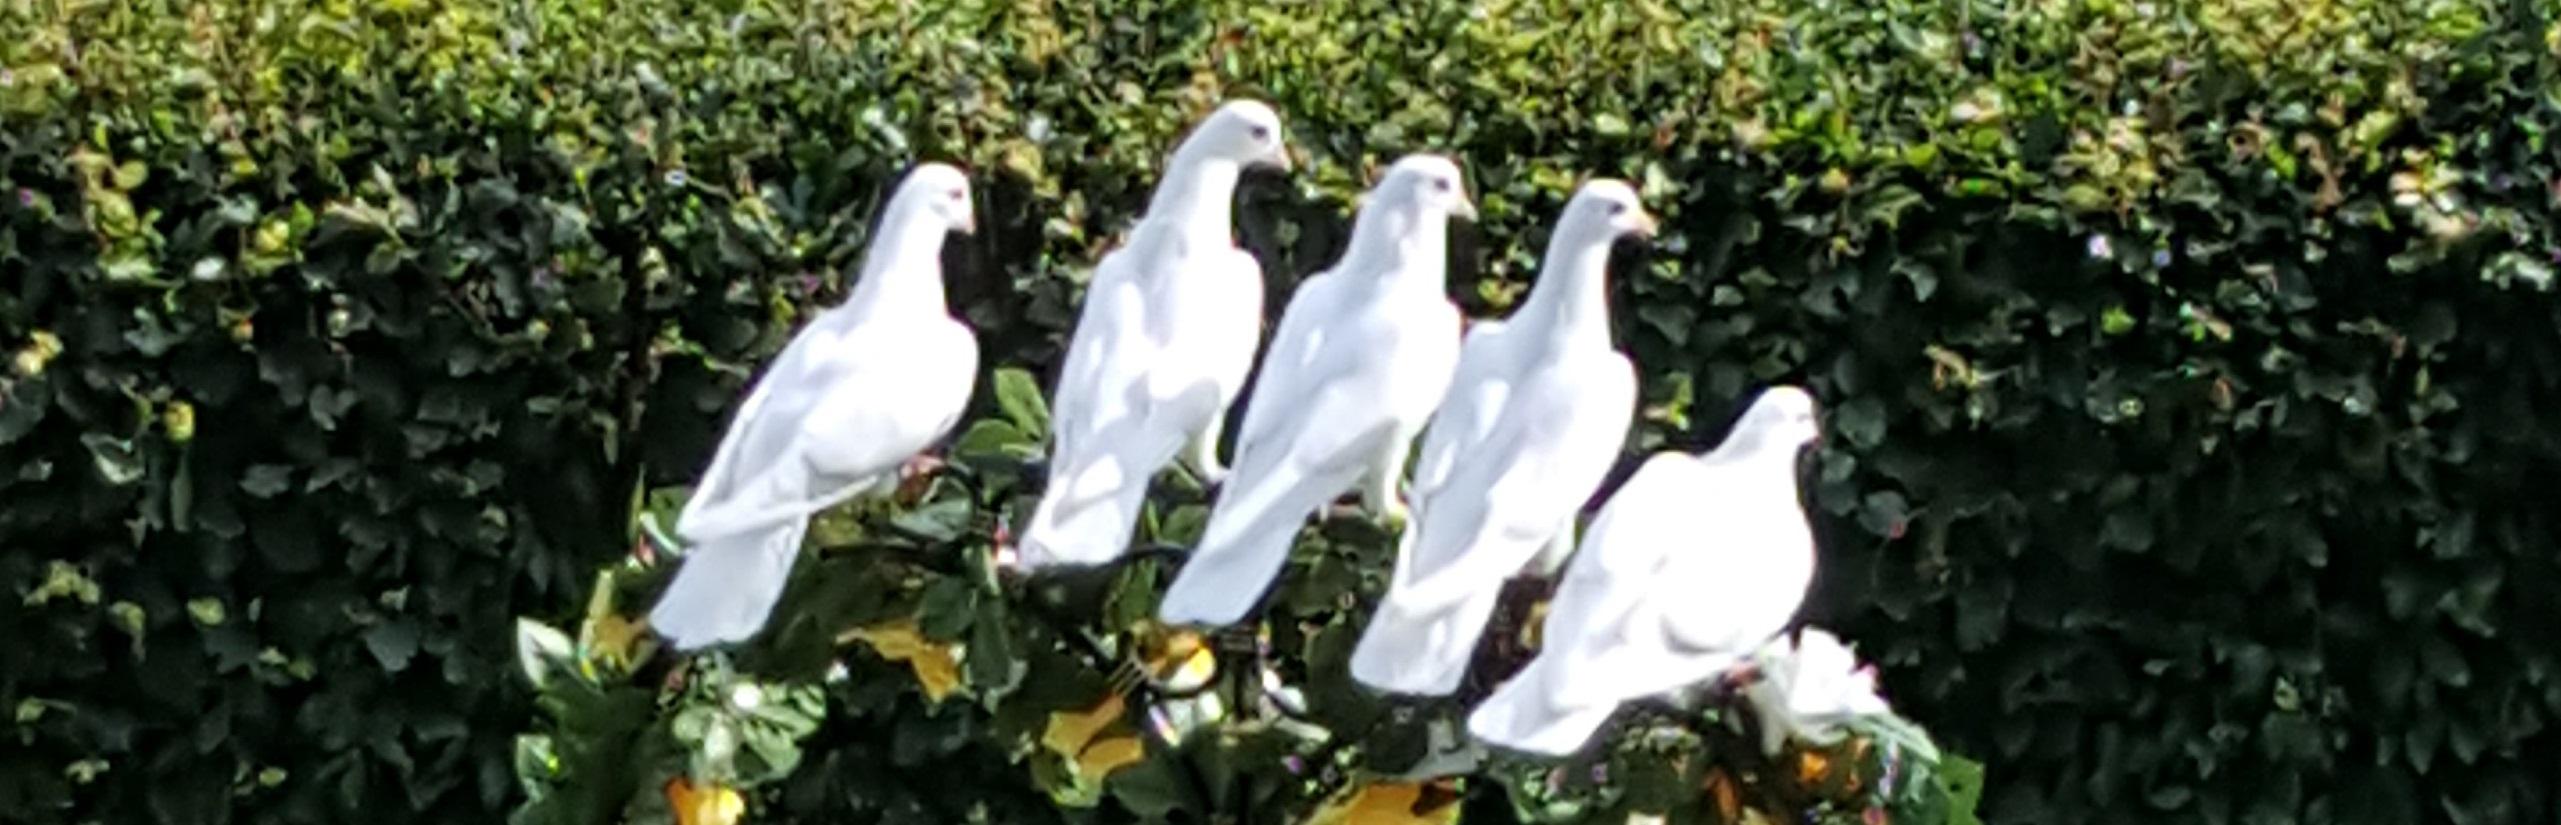 Christian G. Binder - Alternative/Freie Trauung mit Tauben